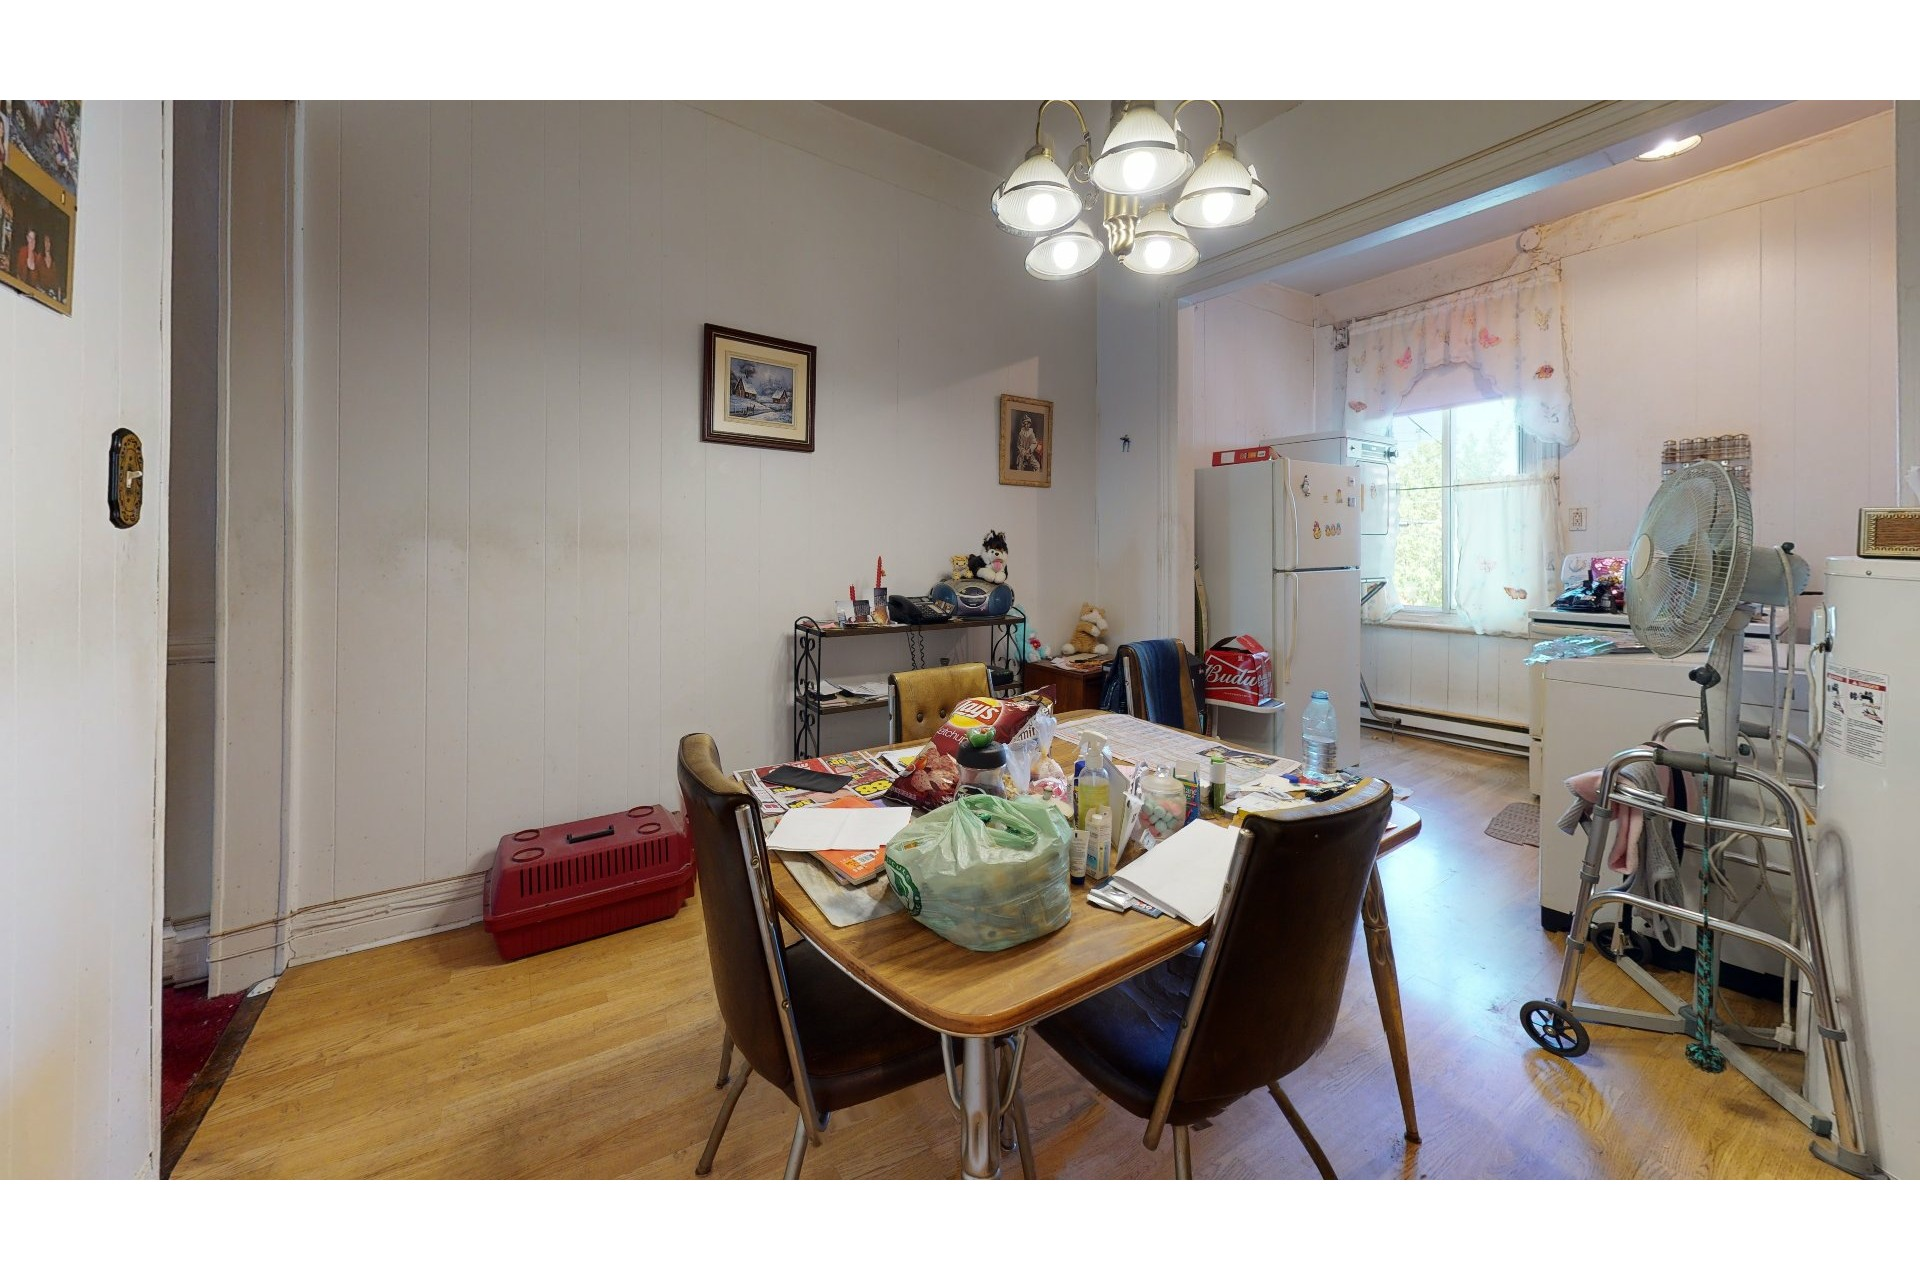 image 29 - Duplex À vendre Rosemont/La Petite-Patrie Montréal  - 7 pièces